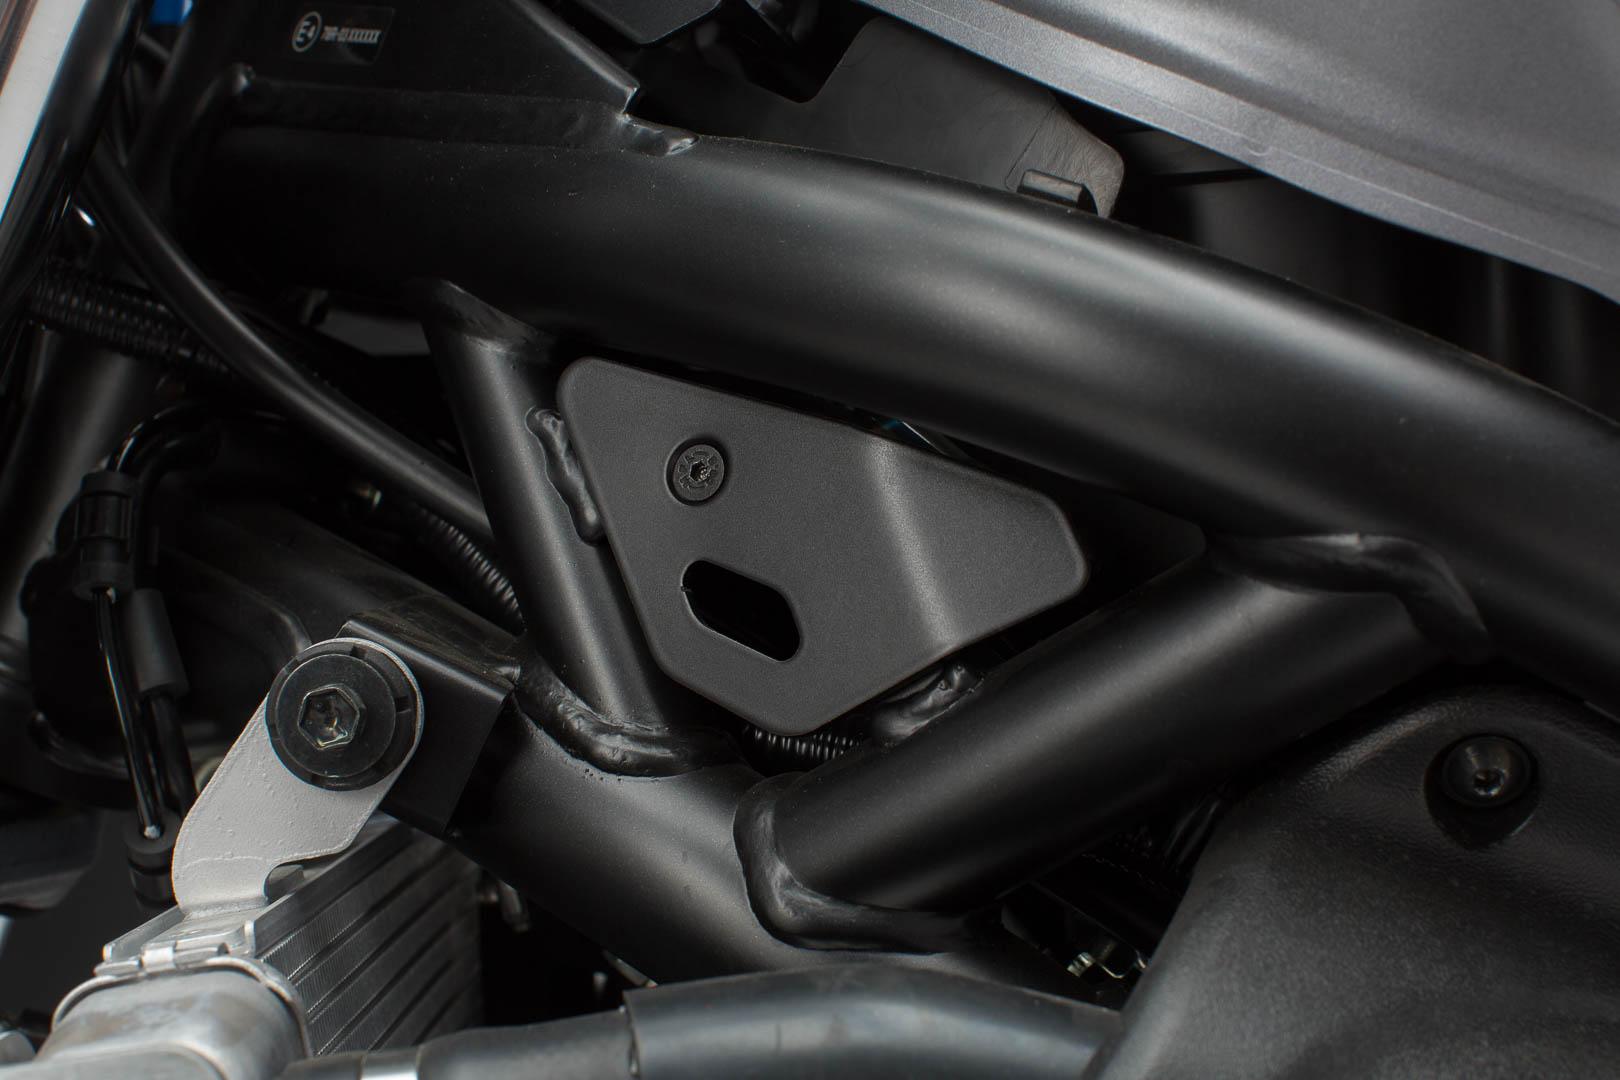 SW-Motech Ramme deksel sett - 2 stk. Svart. Suzuki SV650 ABS (15-). en størrelse Svart